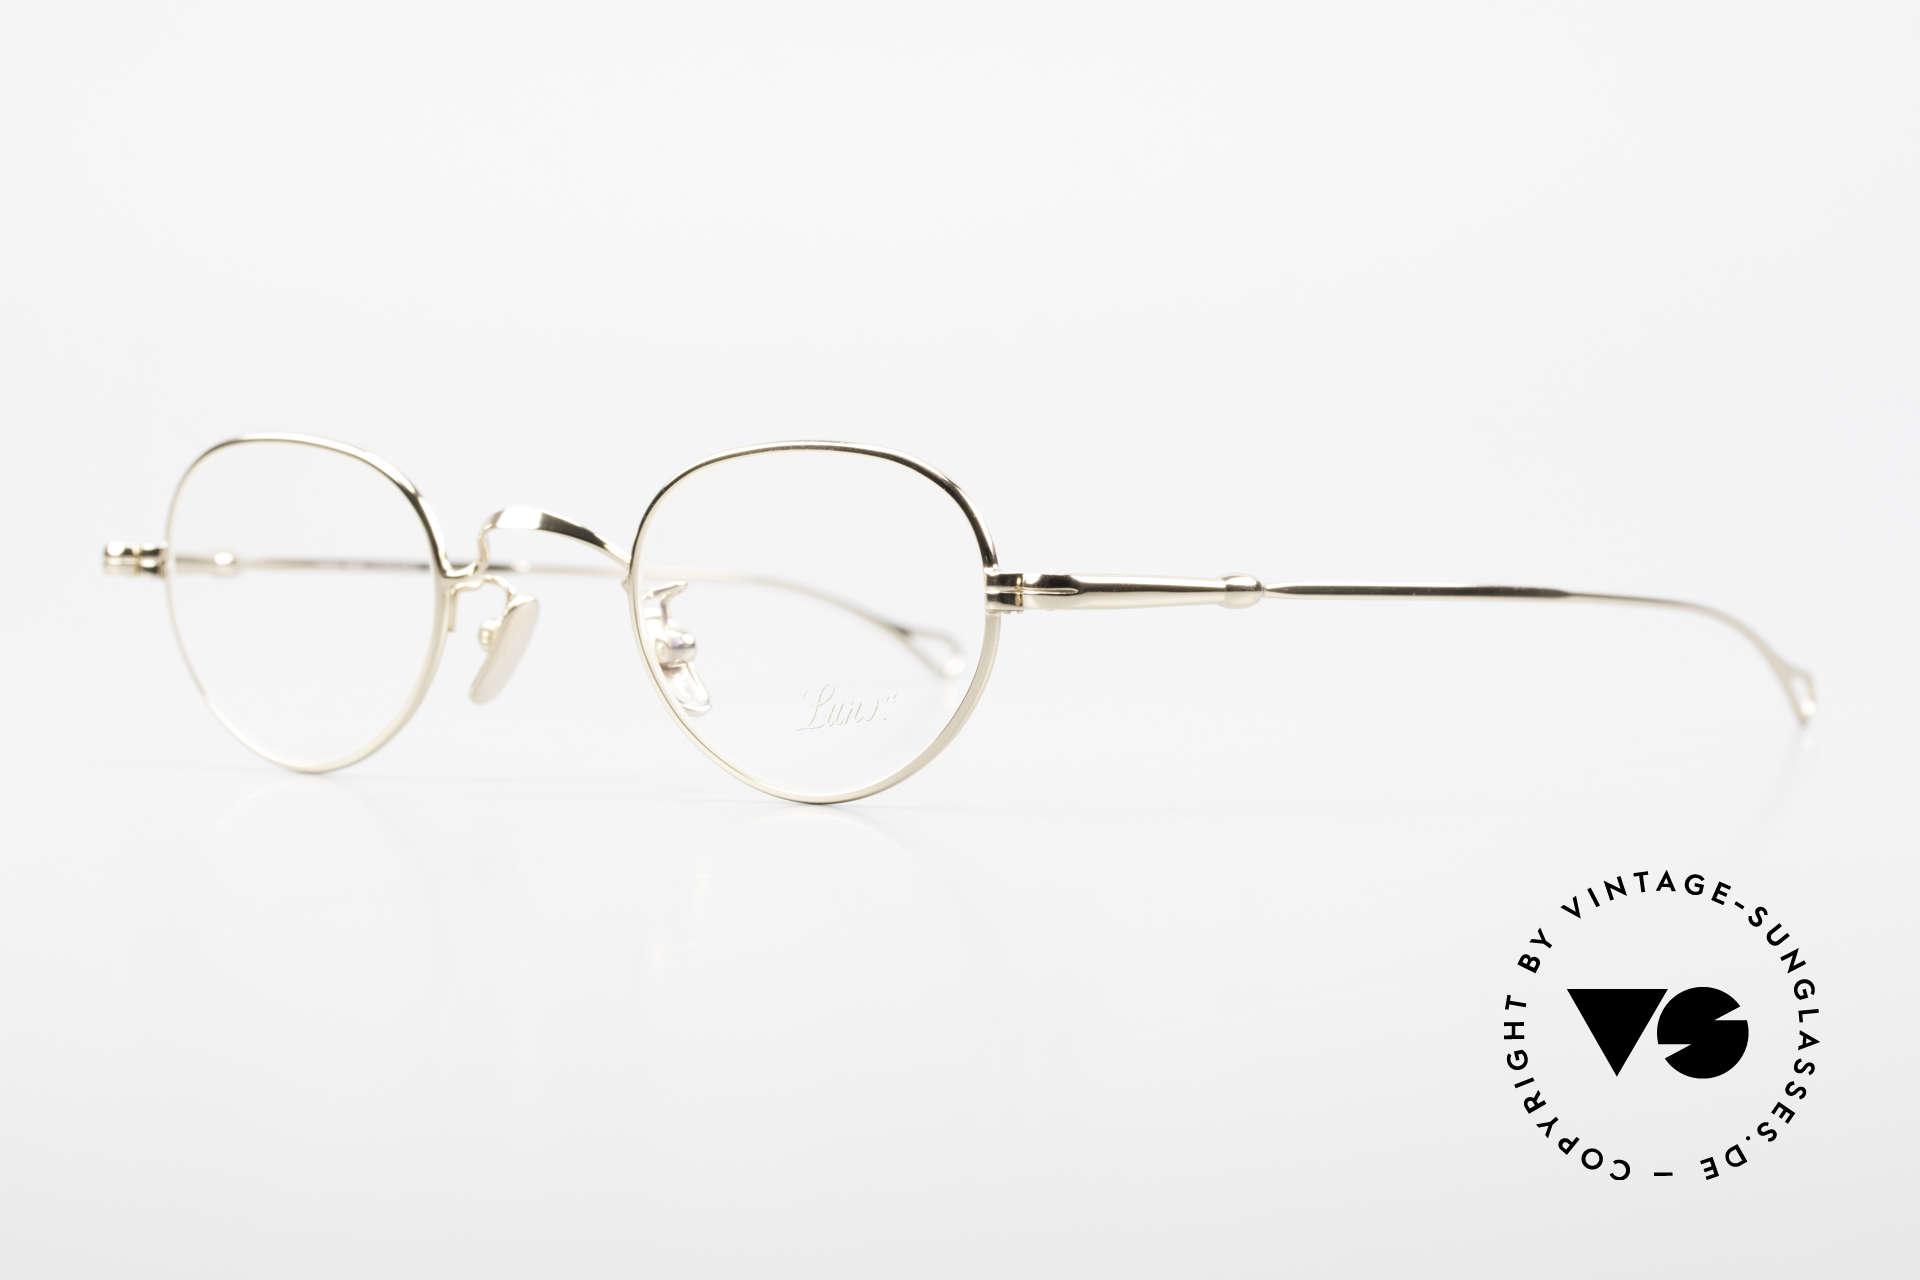 Lunor V 103 Zeitlose Fassung Vergoldet, Modell V103: sehr elegante und vergoldete Fassung, Passend für Herren und Damen